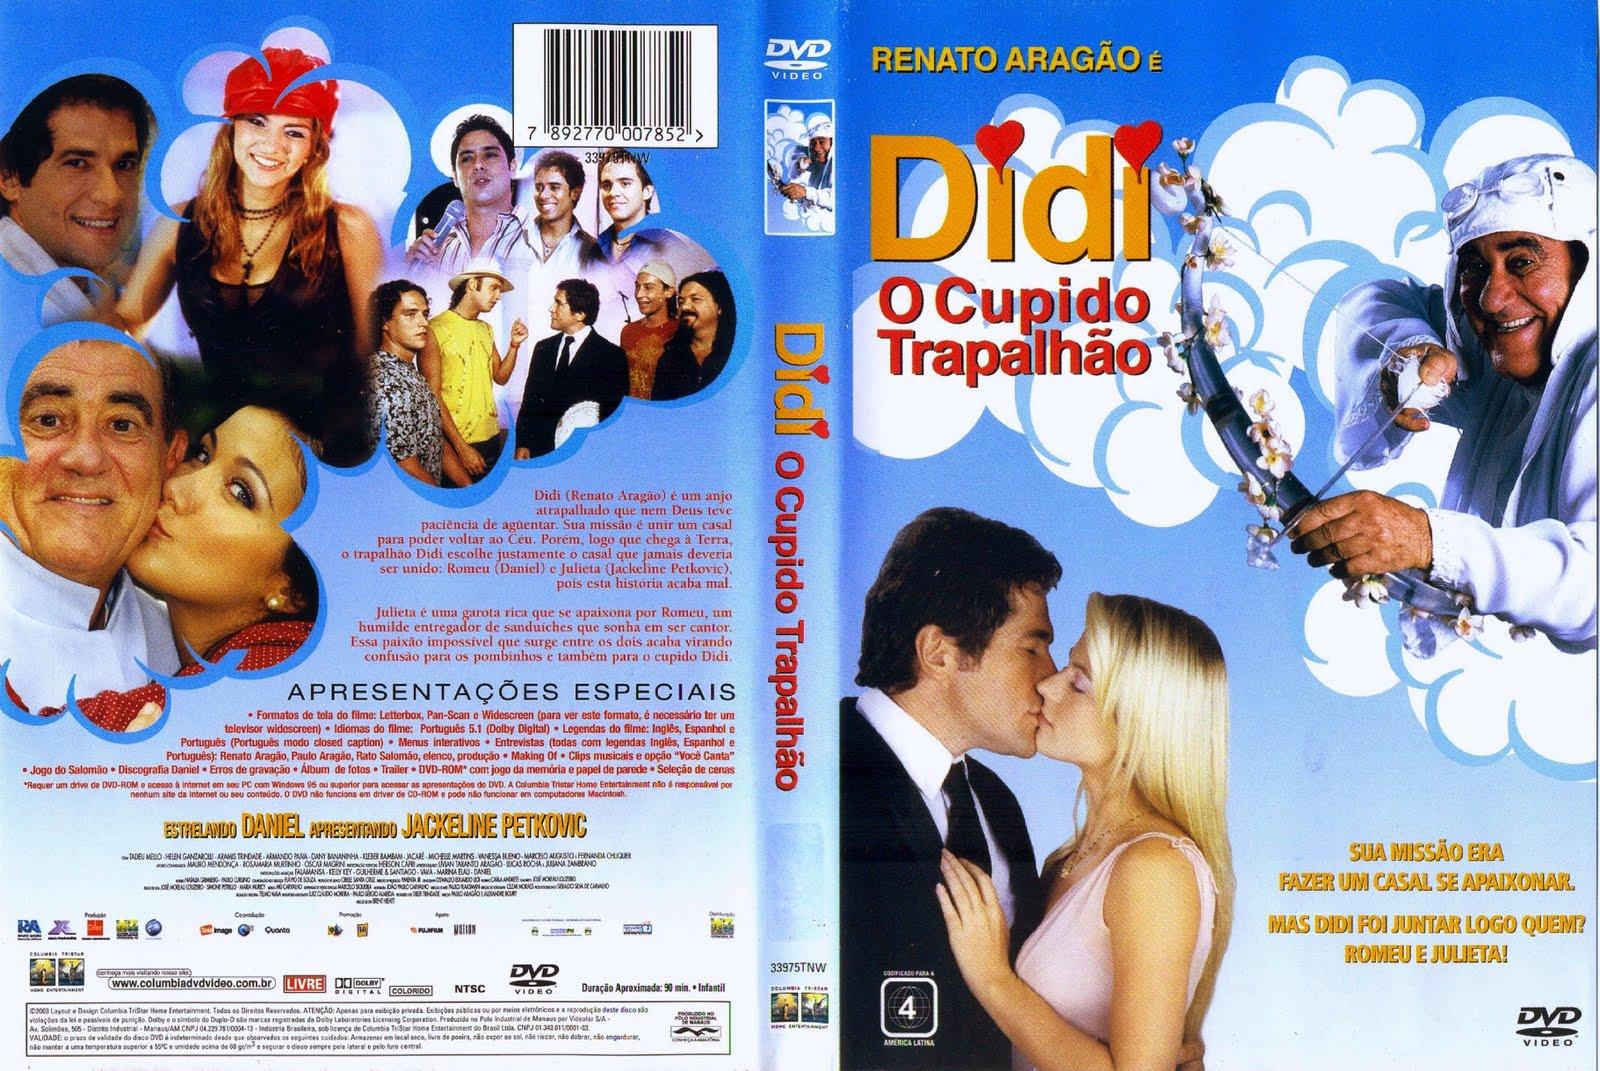 CASAMENTO BAIXAR ROMEU O JULIETA DUBLADO FILME E DE